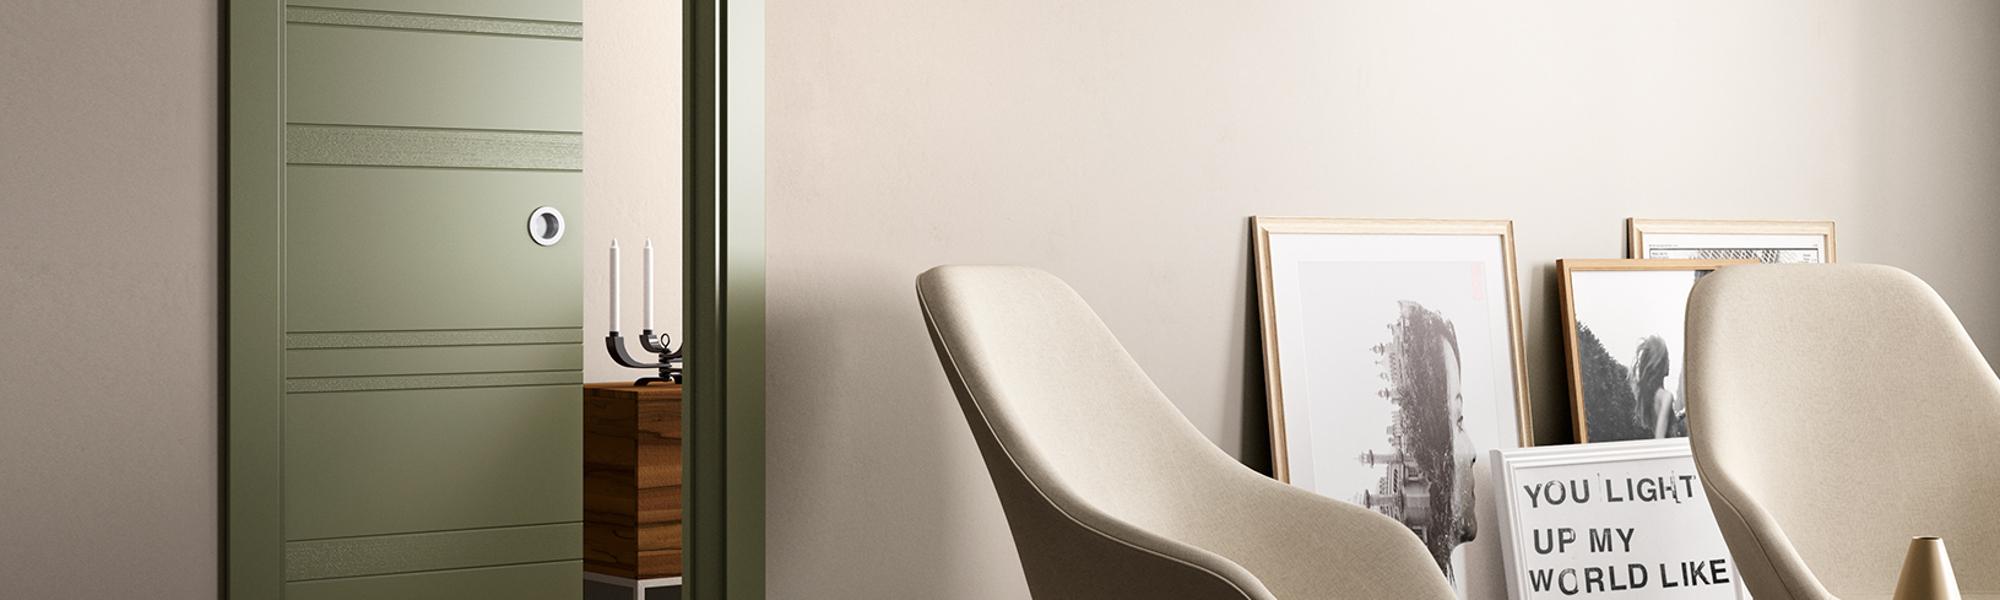 porta-interna-FerreroLegno-modello-Rolling [©FERREROLEGNO] aria-label=